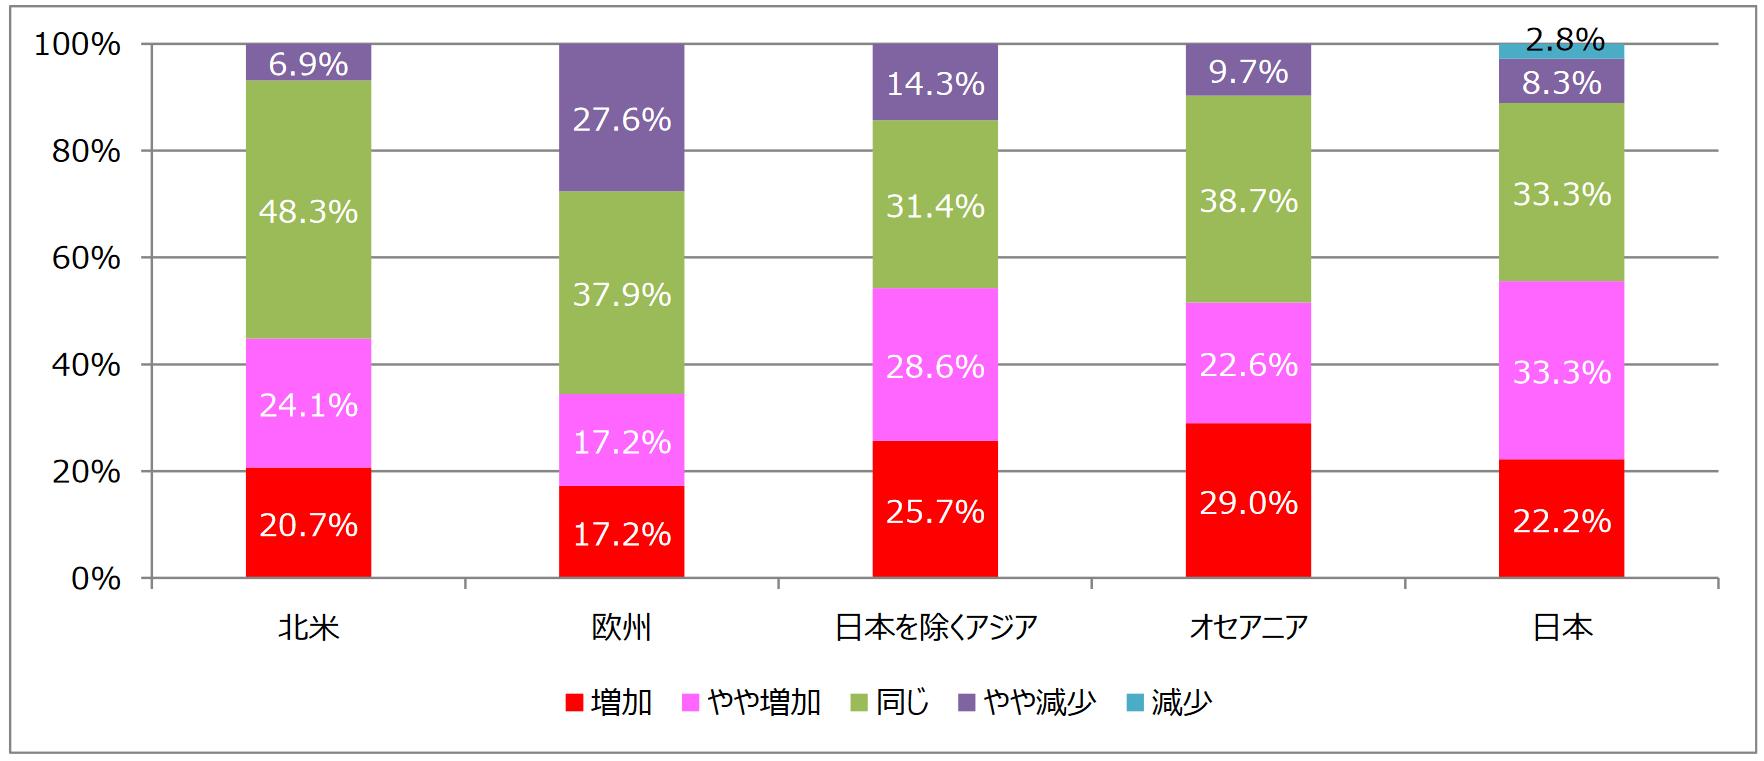 「平成28年度 海外投資家アンケート調査」現在の投資額と3年後の投資額の比較